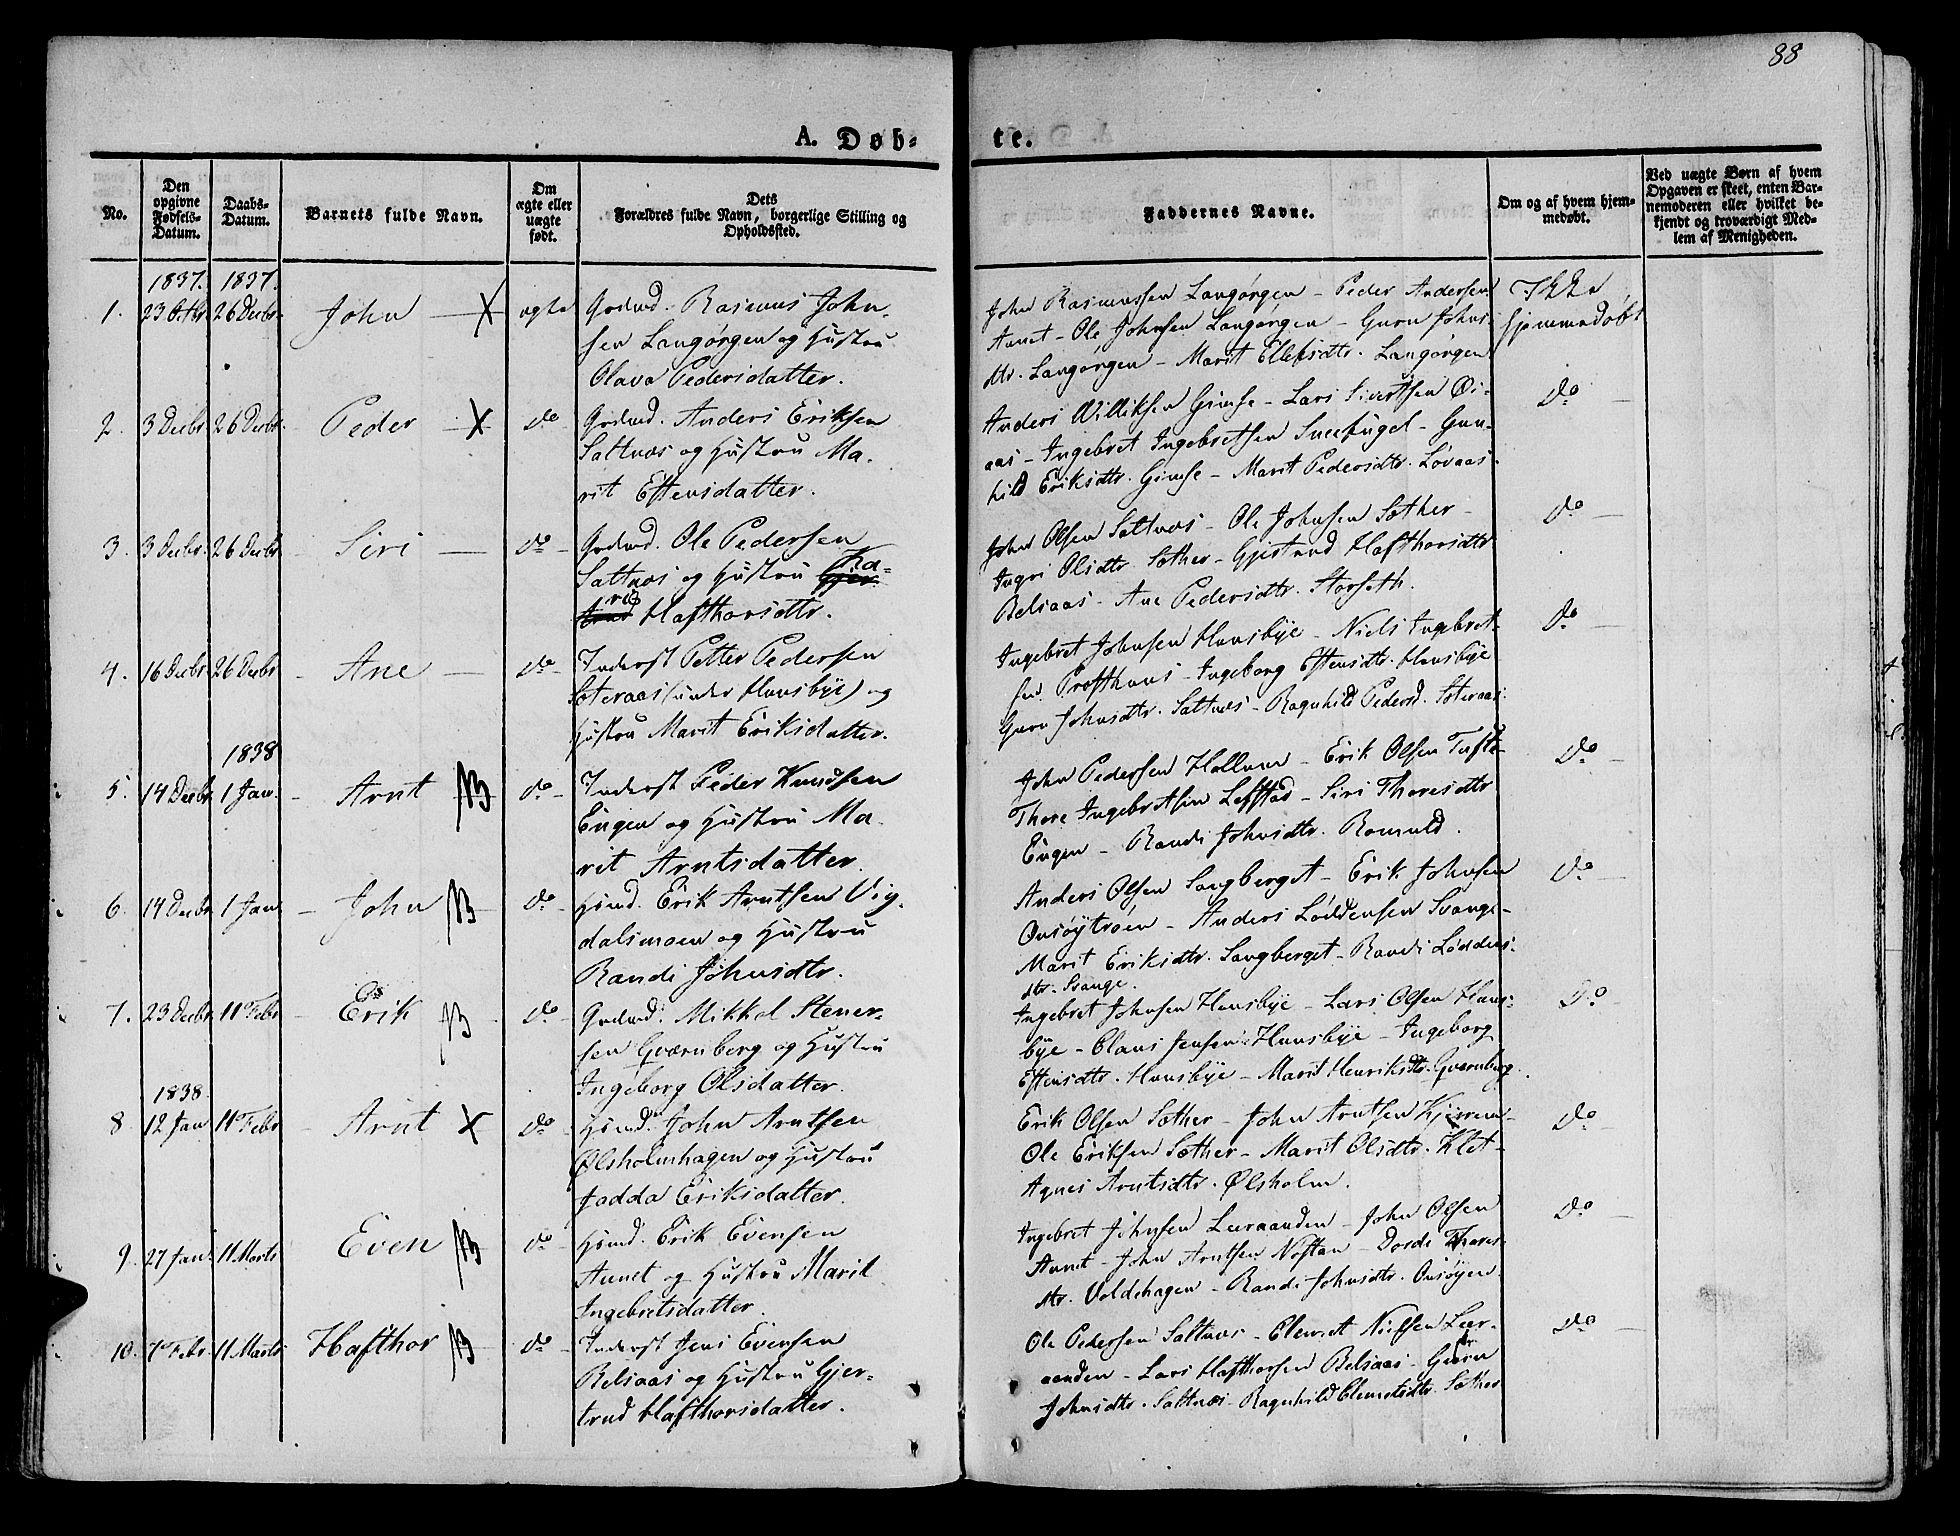 SAT, Ministerialprotokoller, klokkerbøker og fødselsregistre - Sør-Trøndelag, 612/L0375: Ministerialbok nr. 612A07 /2, 1829-1845, s. 88